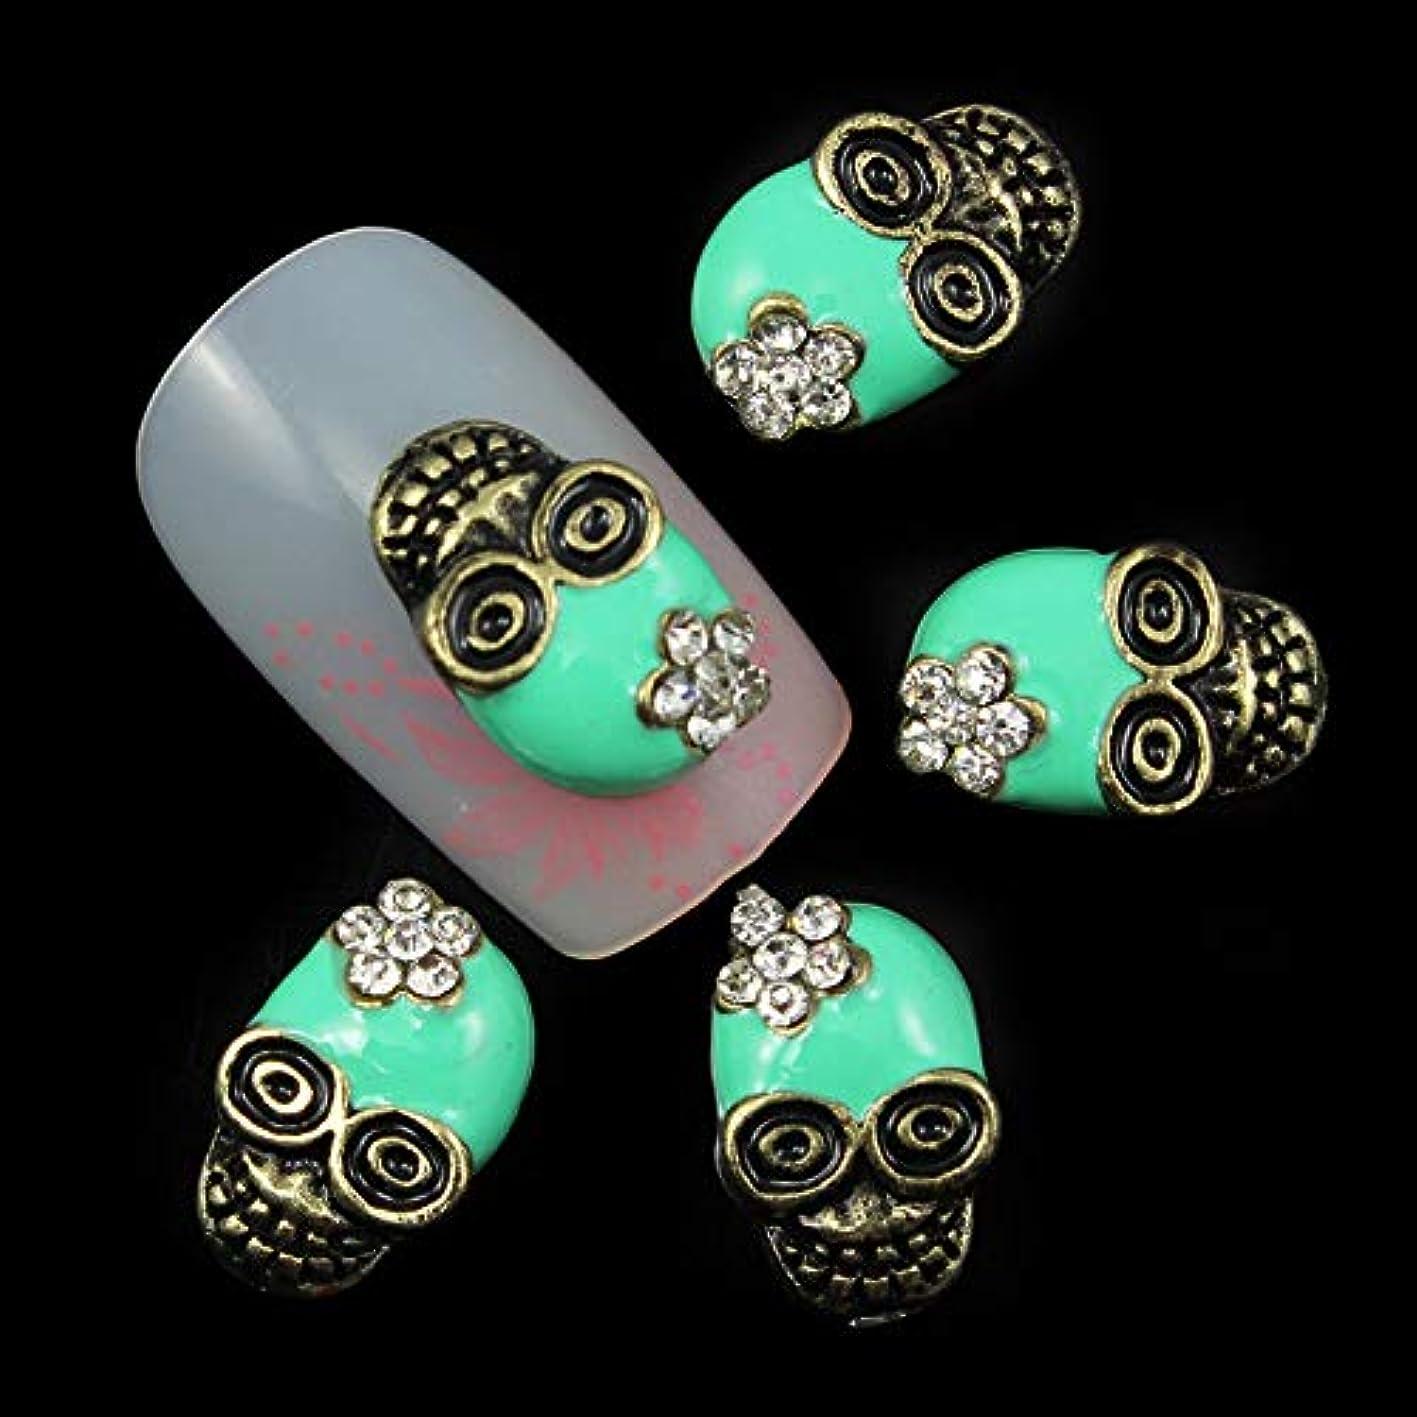 緩める締め切り発明する10個入りの3Dネイルアートの装飾合金ラインストーンDIYのグリーンスカルネイルスタッドファッションジュエリー用品グリッターセックス製品ネイルツール